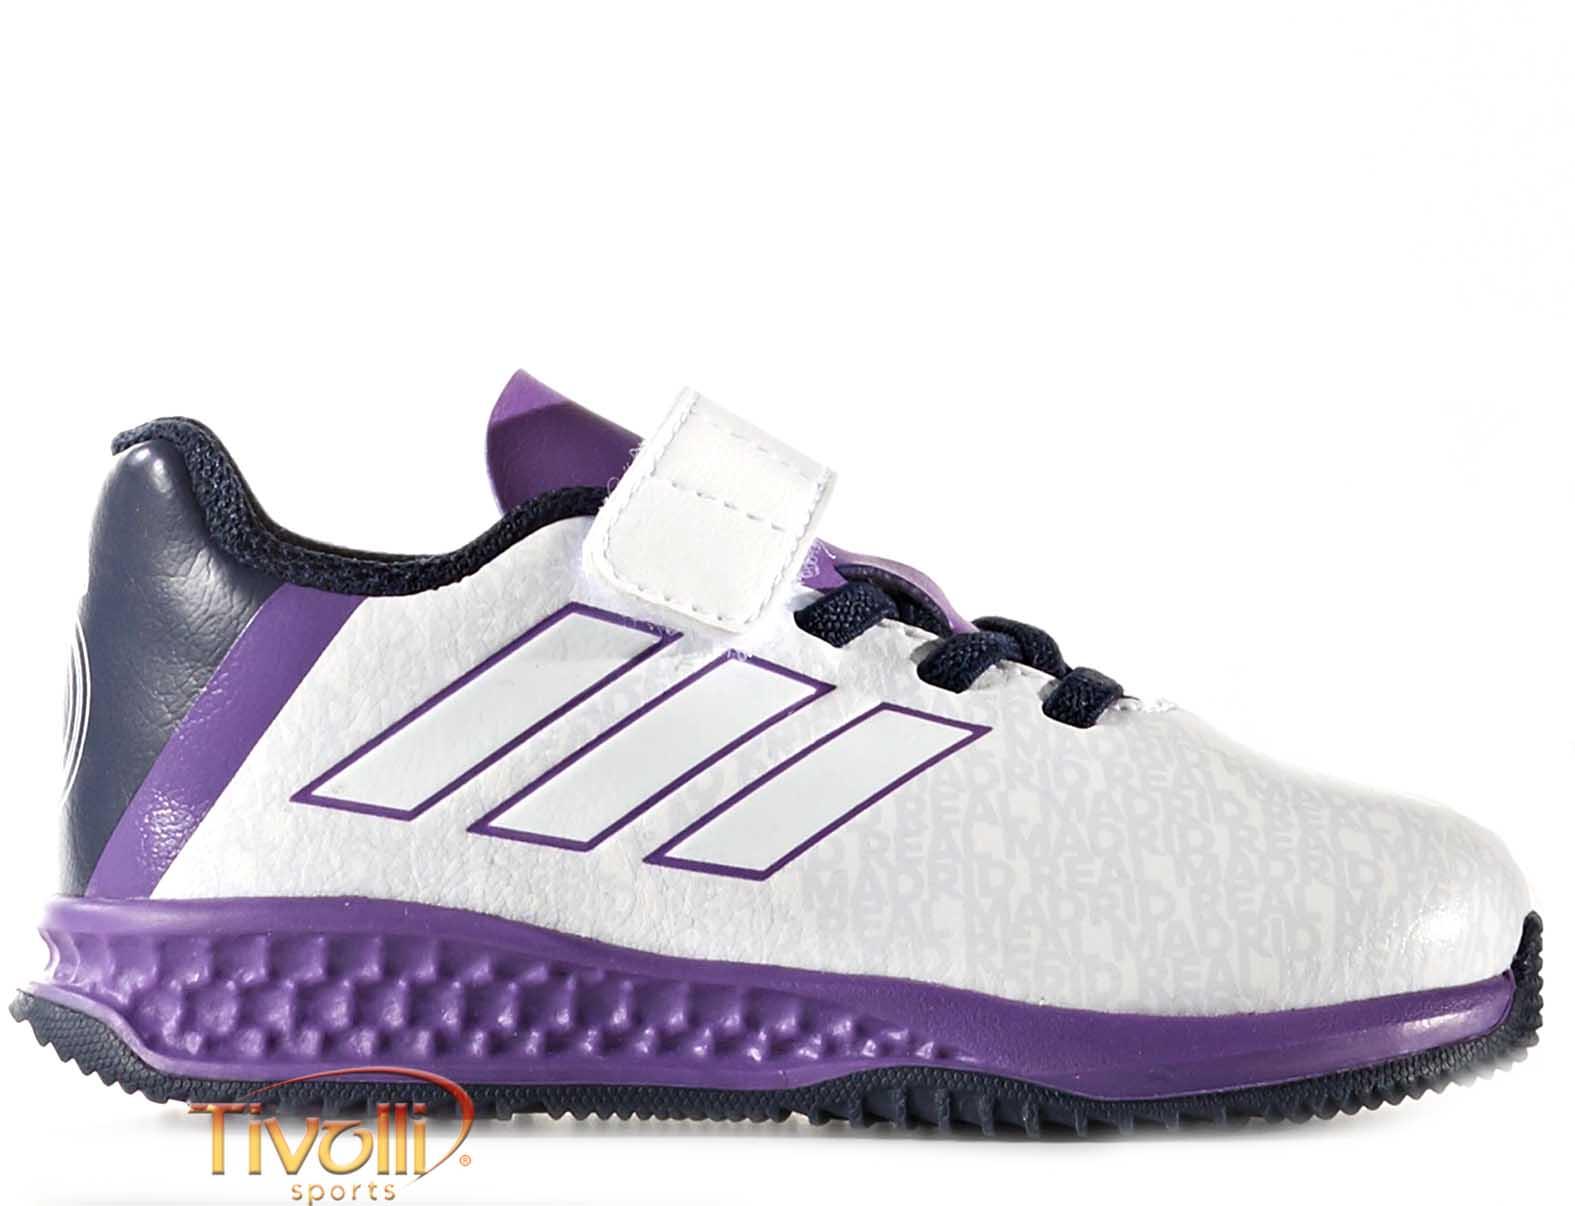 e60e3a873b289 Chuteira Adidas Rapida Turf Real Madrid EL I Infantil > >